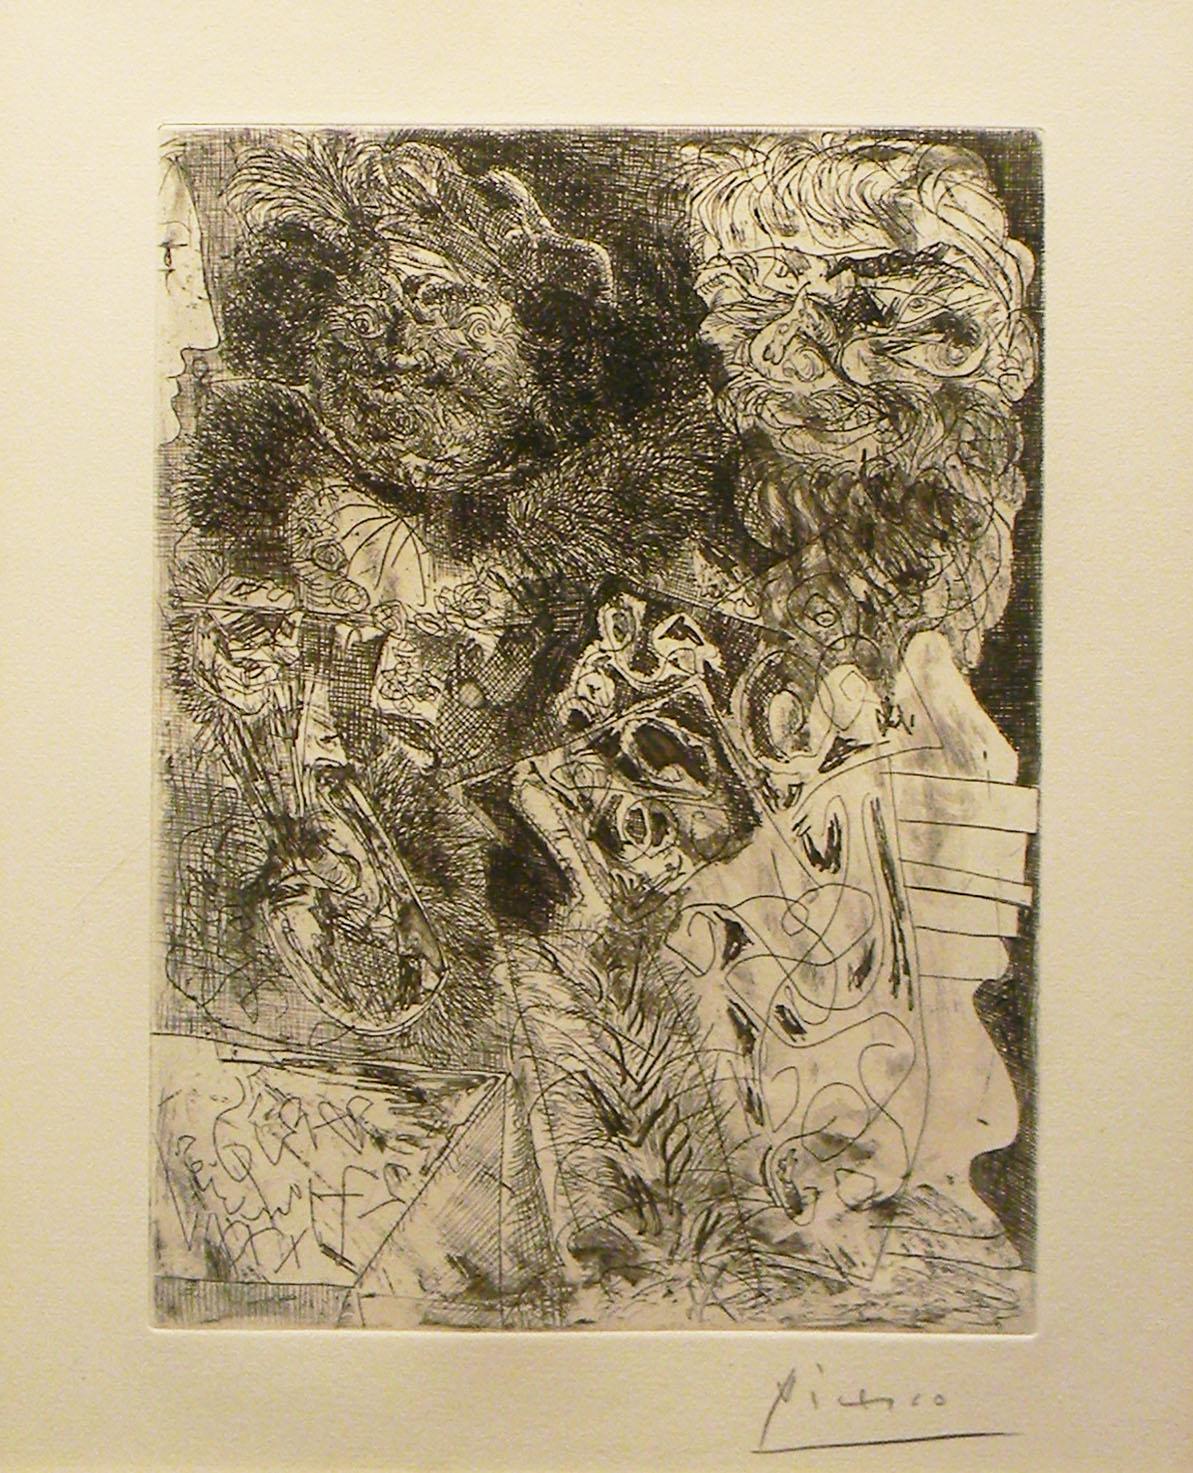 Picasso, Rembrandt a la Palette